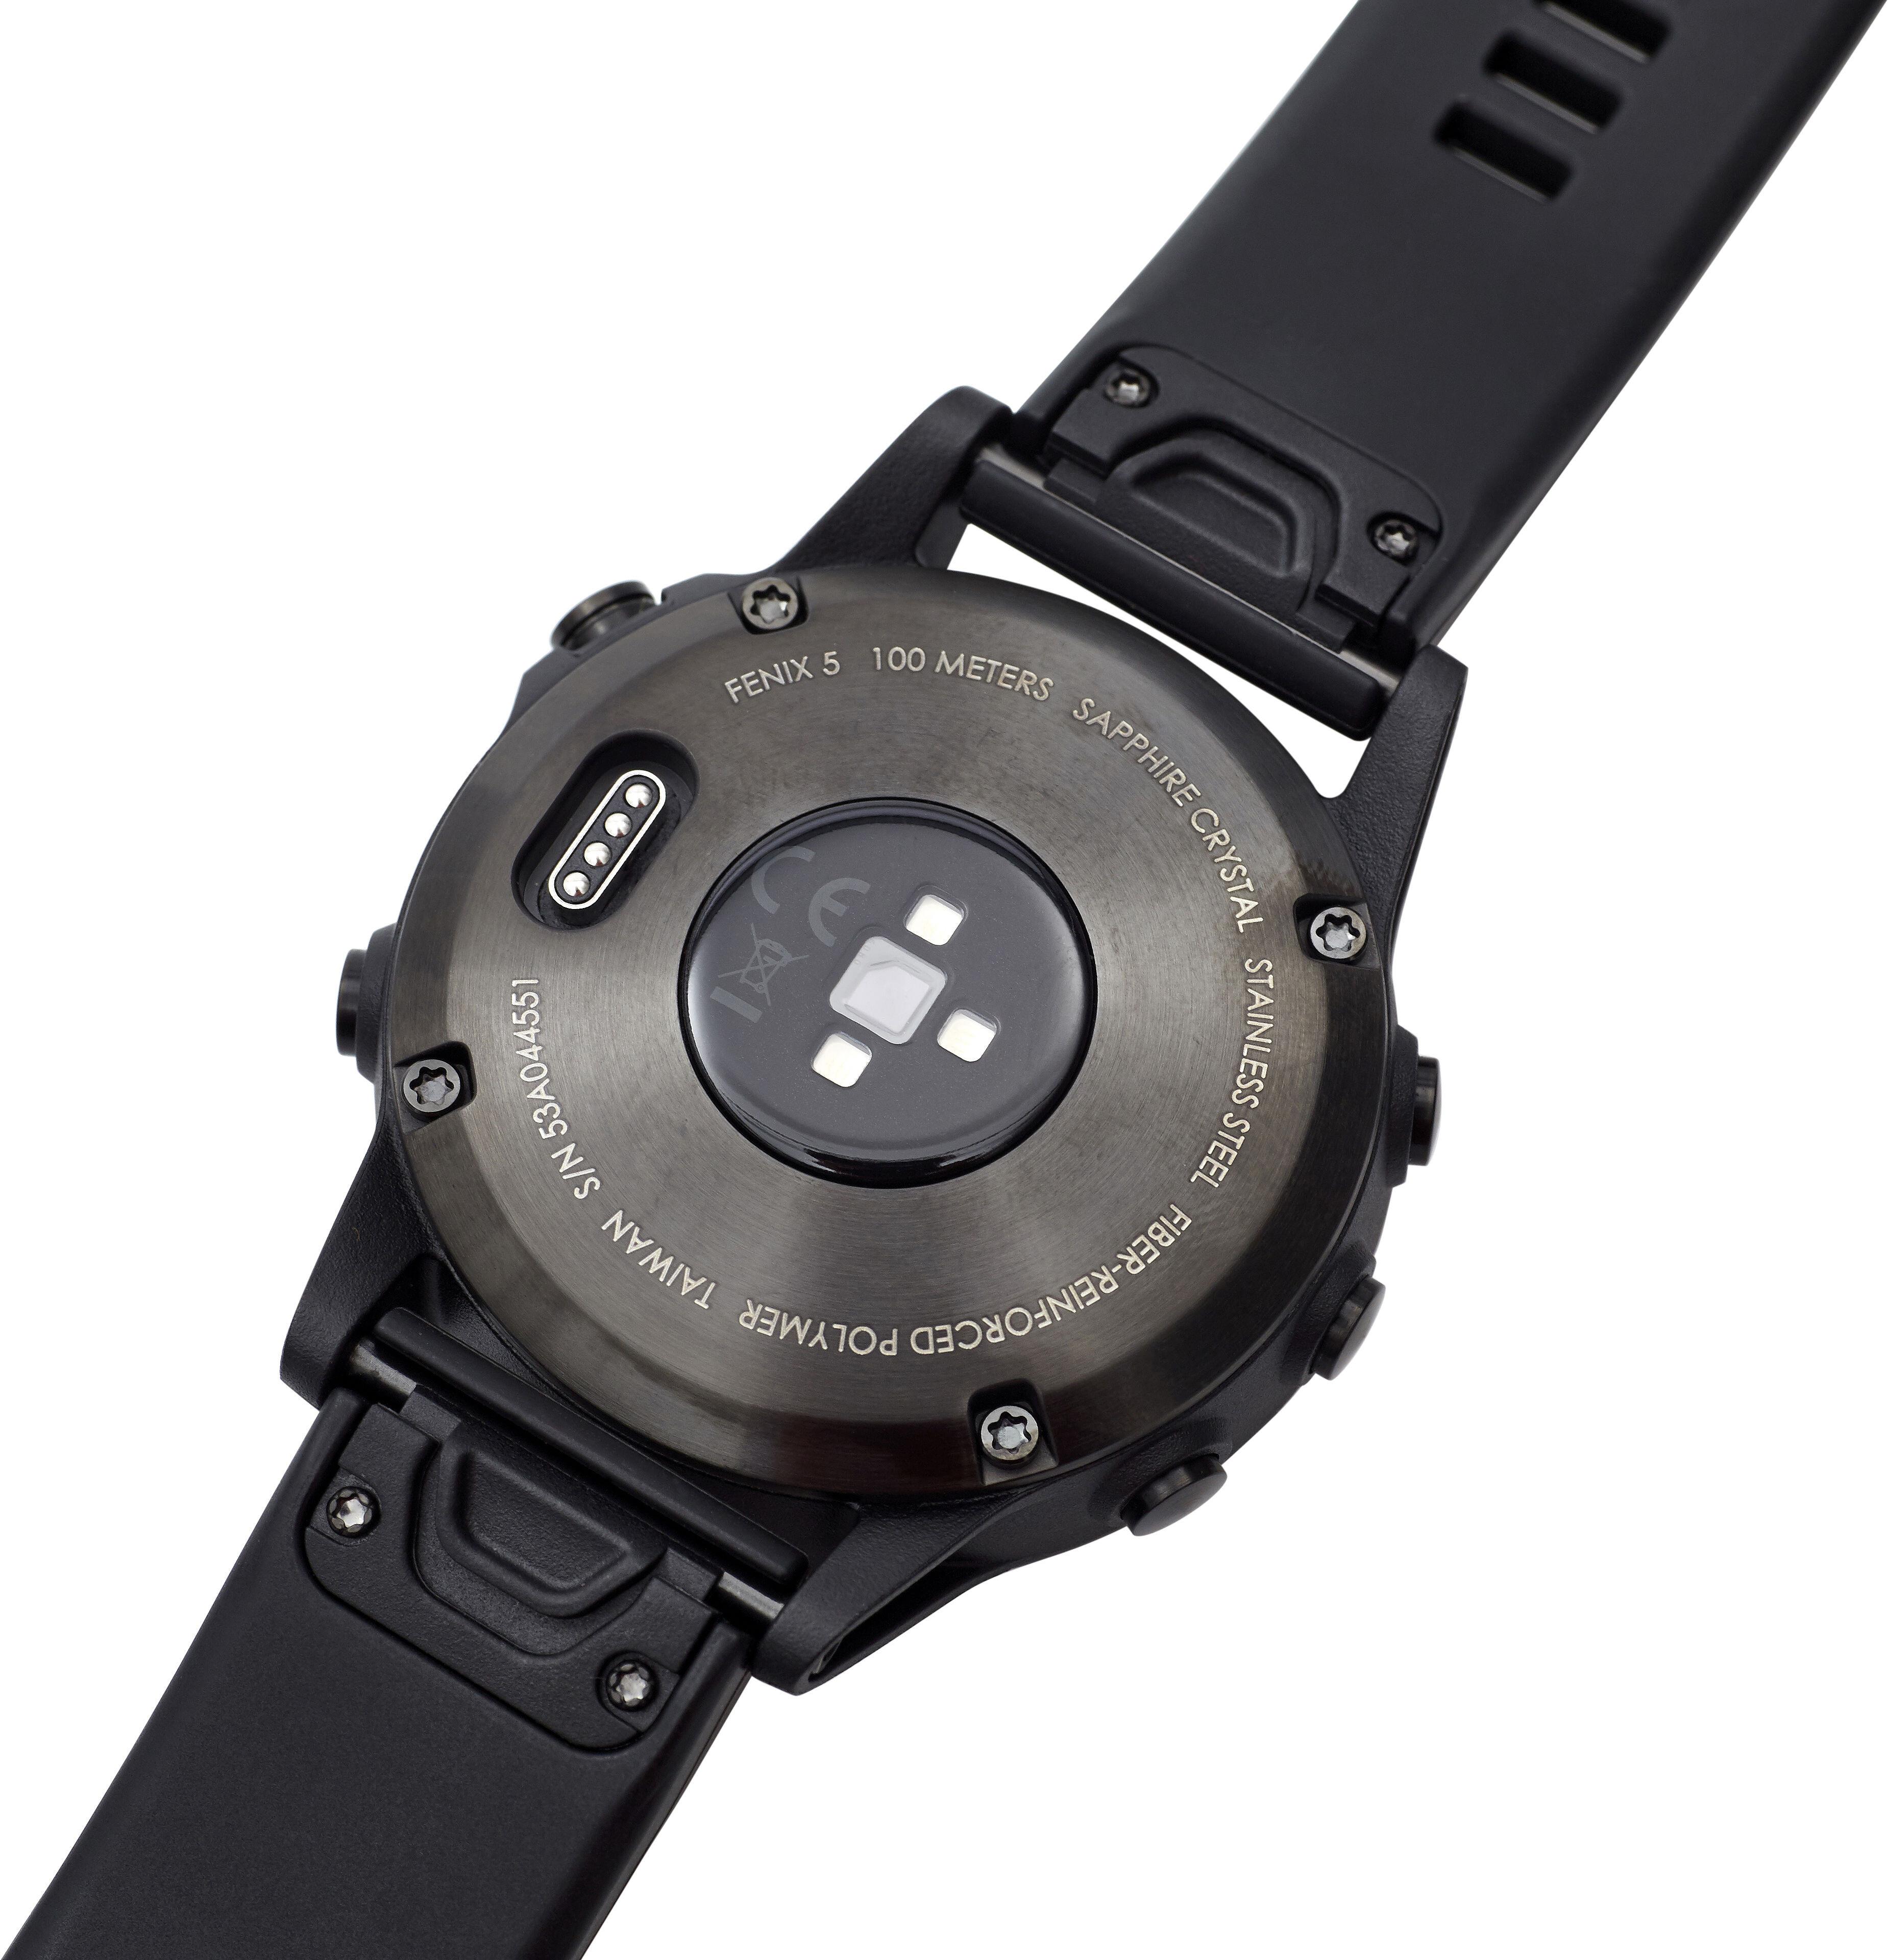 Garmin Fenix 5 Saphir Gps Uhr Performer Bundle Premium Hrm Tri Suunto Traverse Black Outdoor Watches With Glonass Brustgurt Quickfit